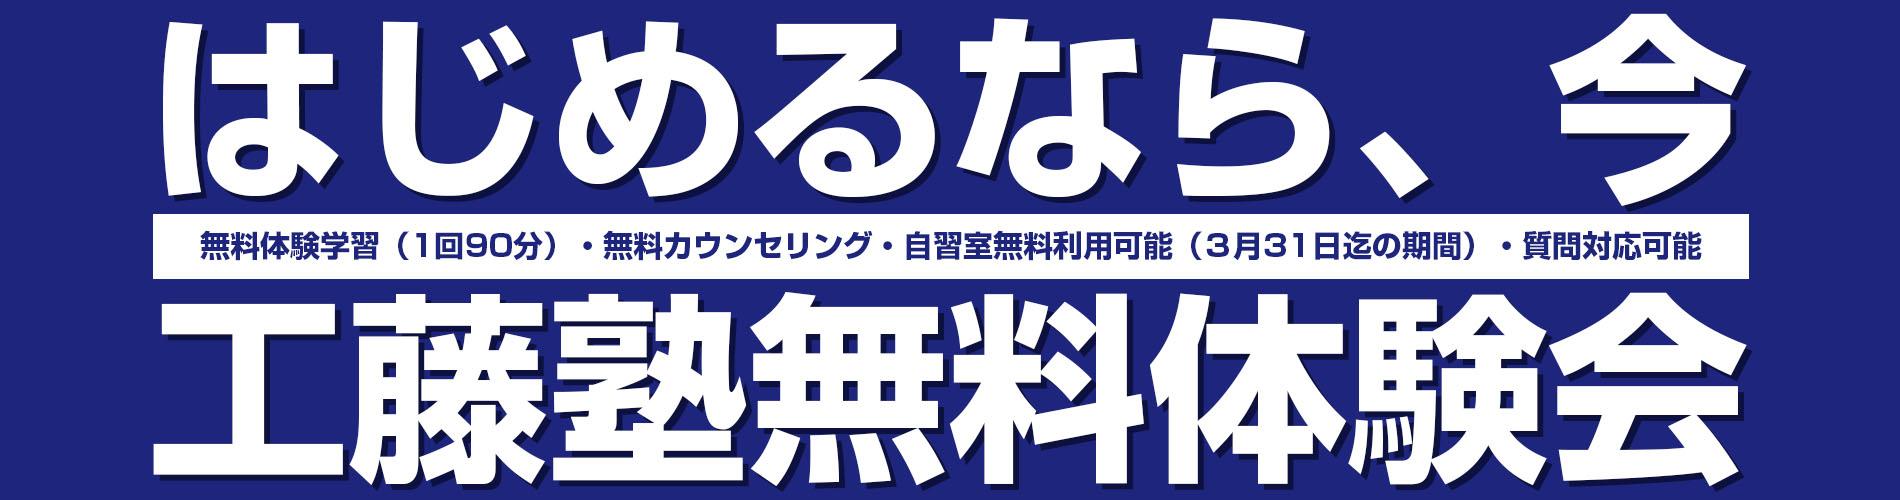 静岡の医学部予備校工藤塾無料体験会